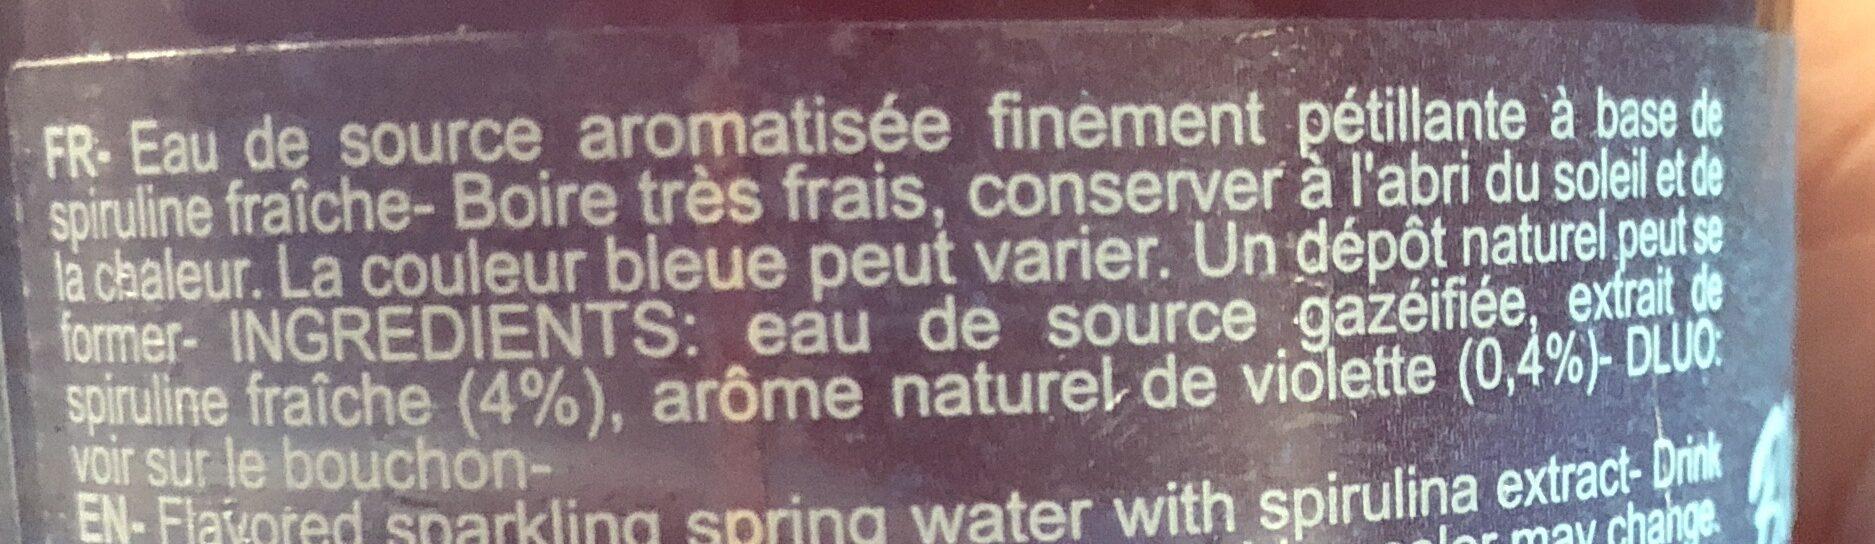 Eau De Source Aromatisée Finement Pétillante à Base De Spiruline - Ingrédients